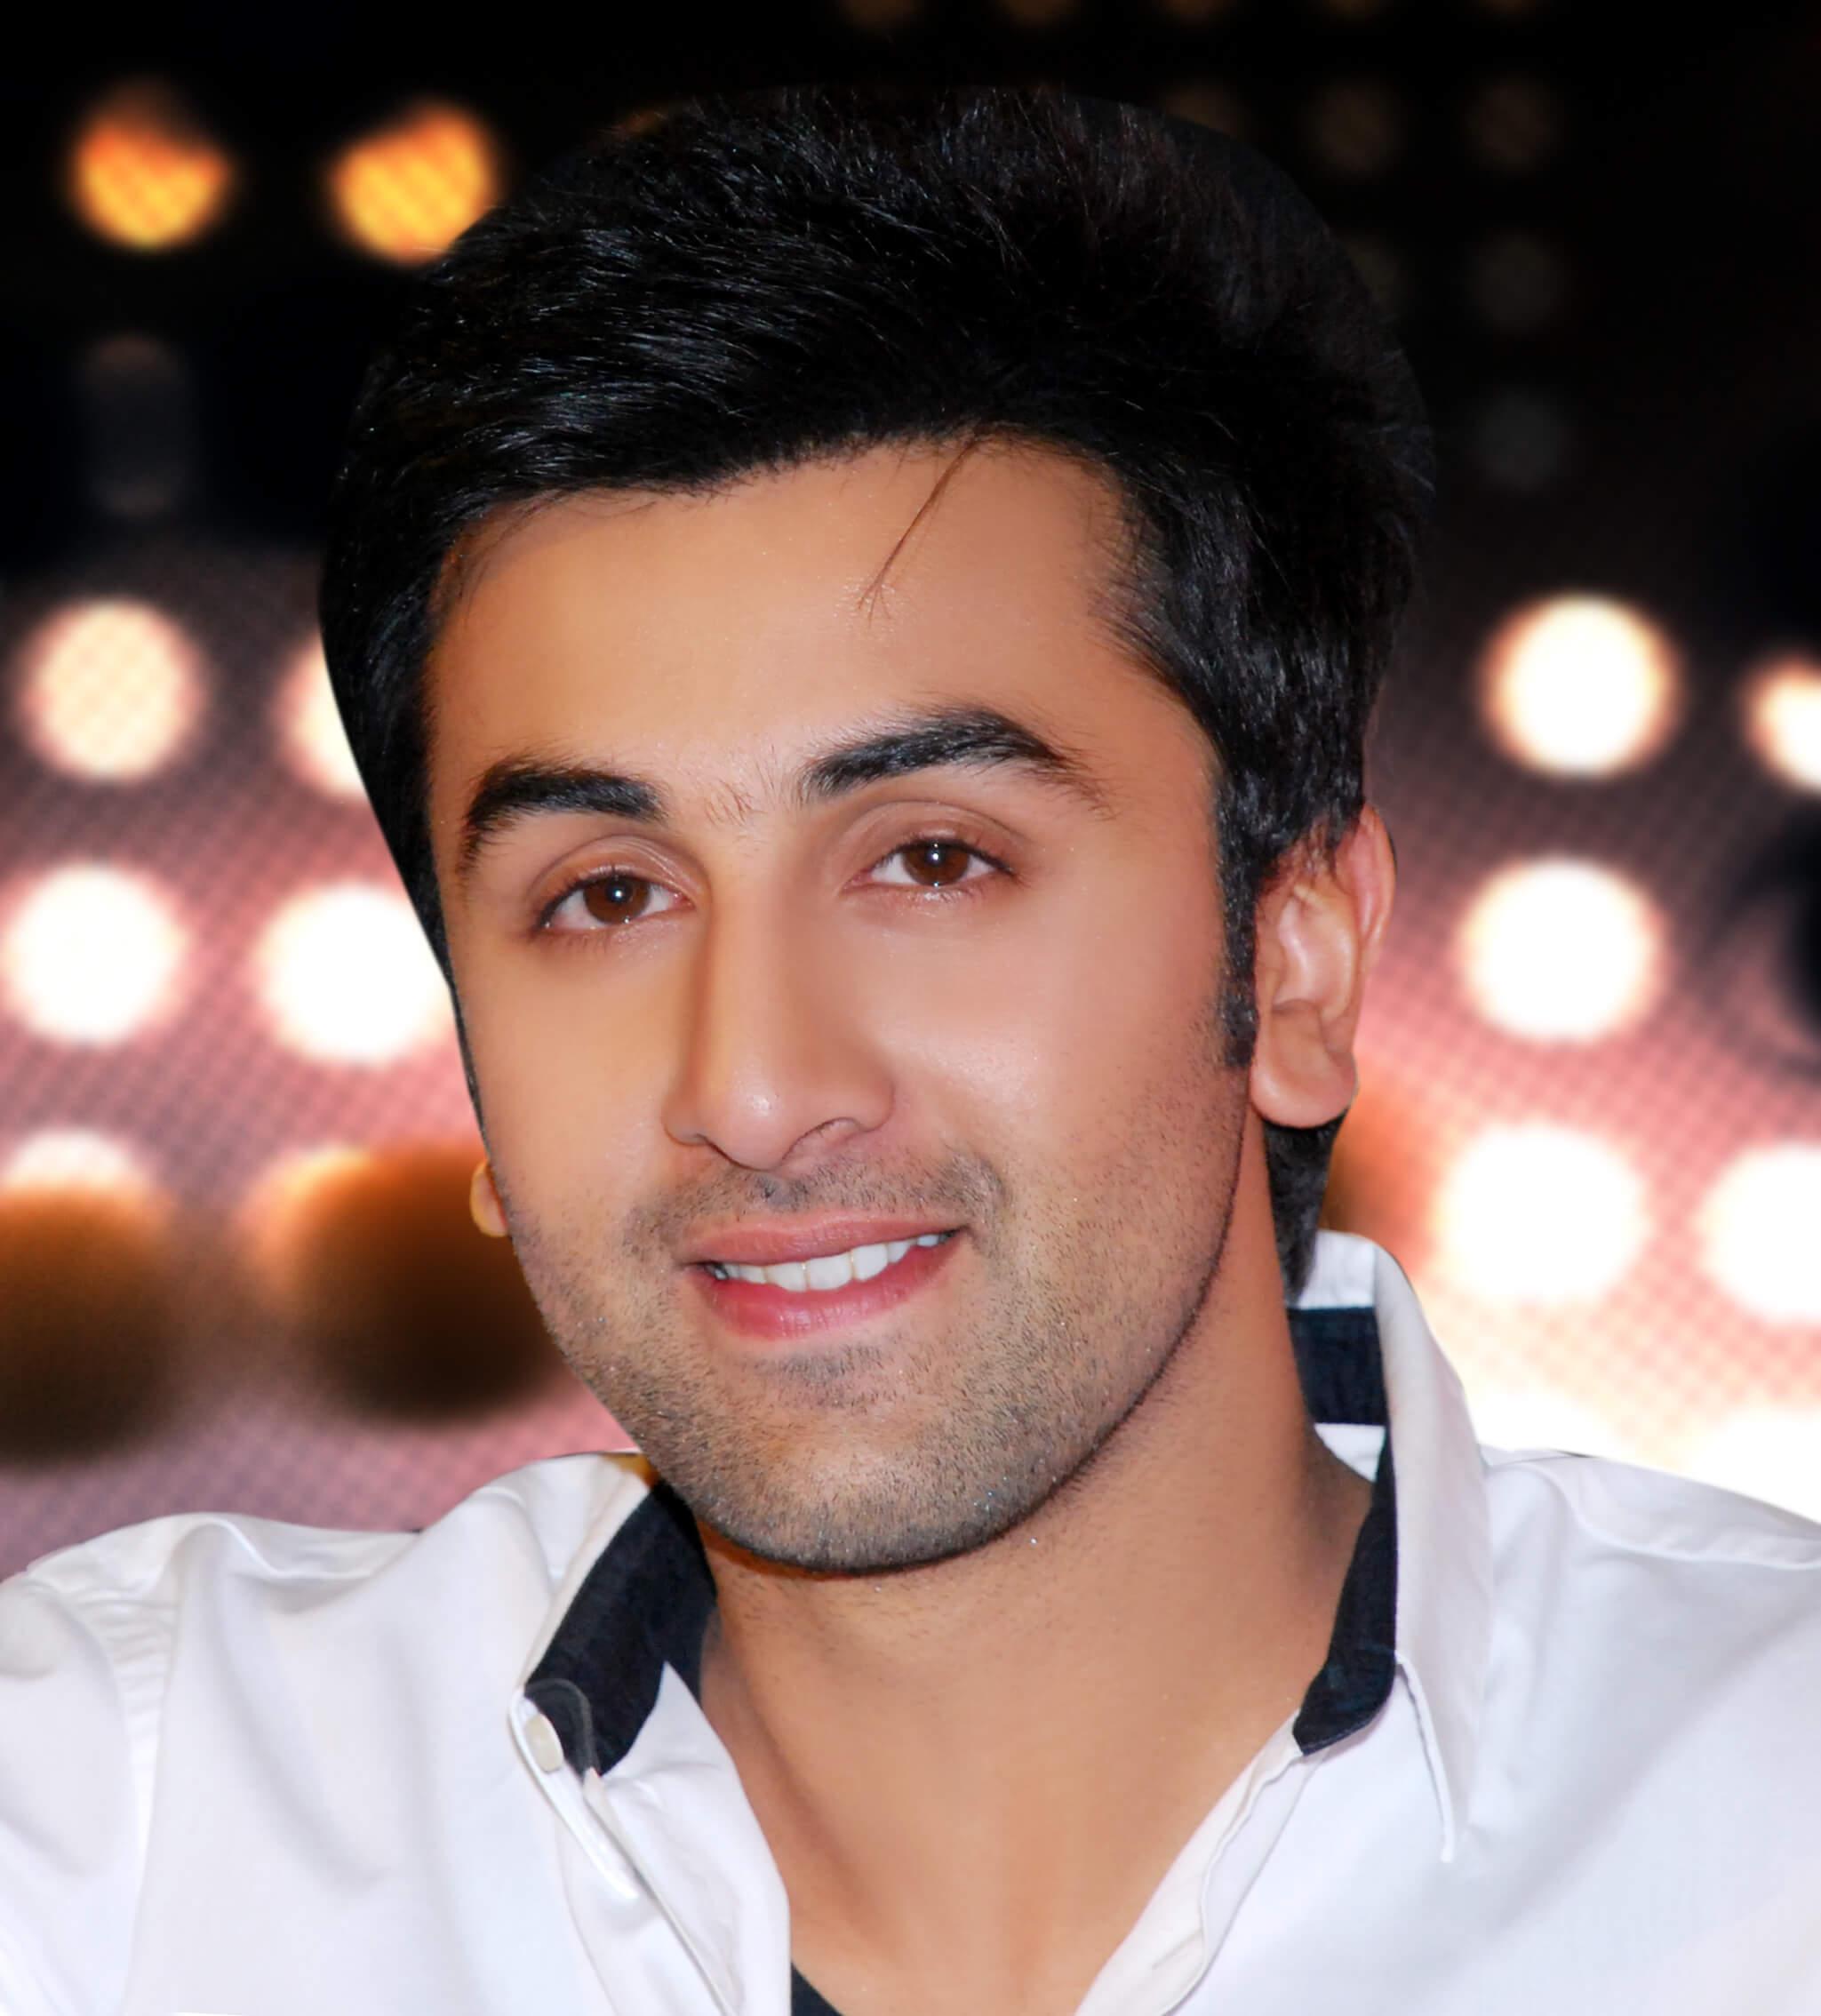 Ranbir Kapoor Good Looking